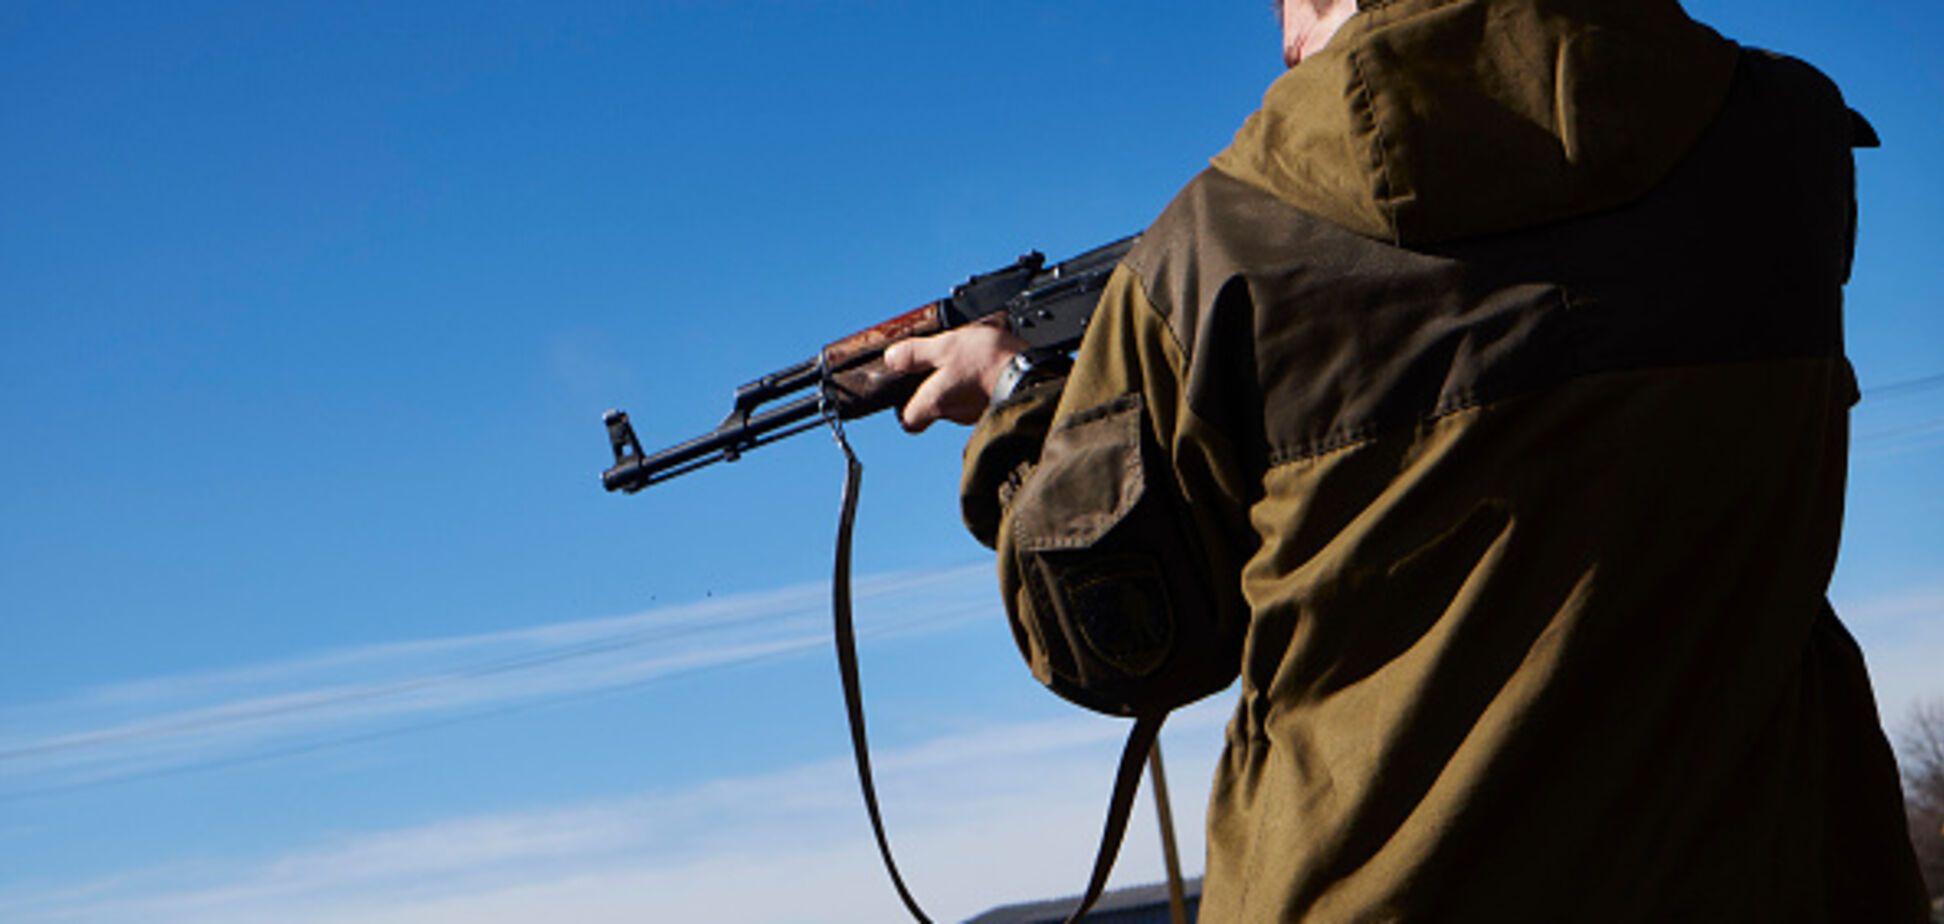 Операція 'Мігрант': в Україні оголосили полювання на іноземних 'злодіїв у законі'